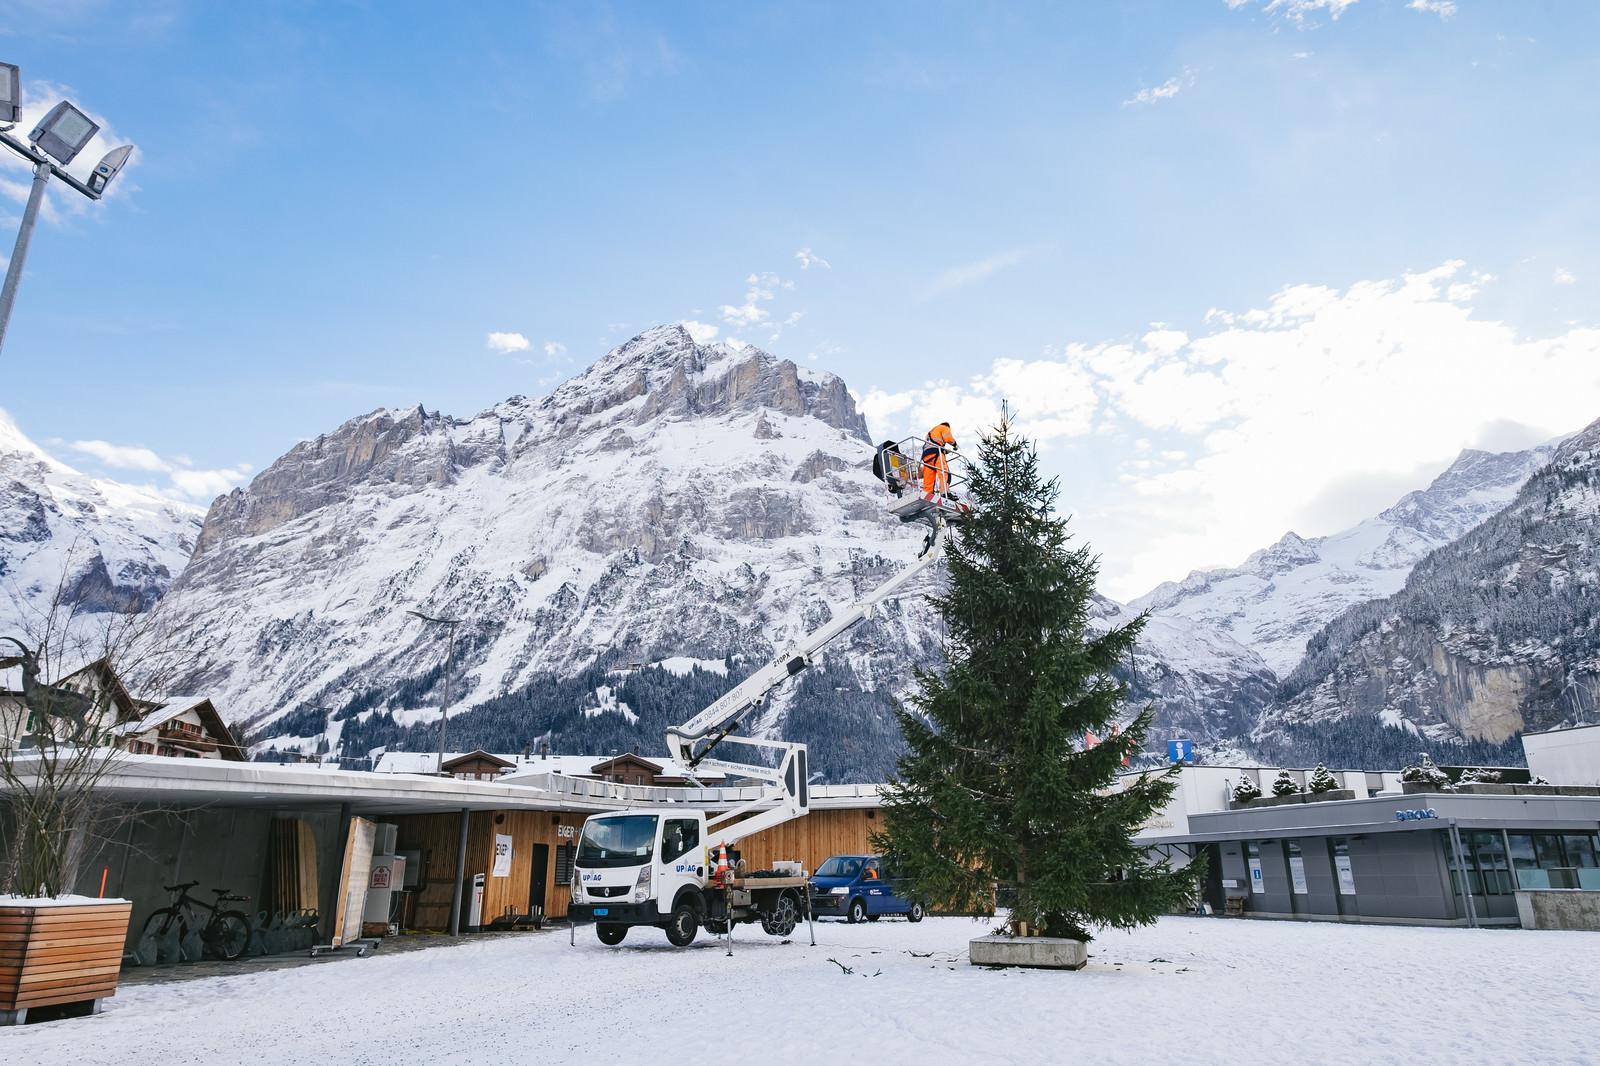 「クリスマスツリーの準備中(スイス)」の写真